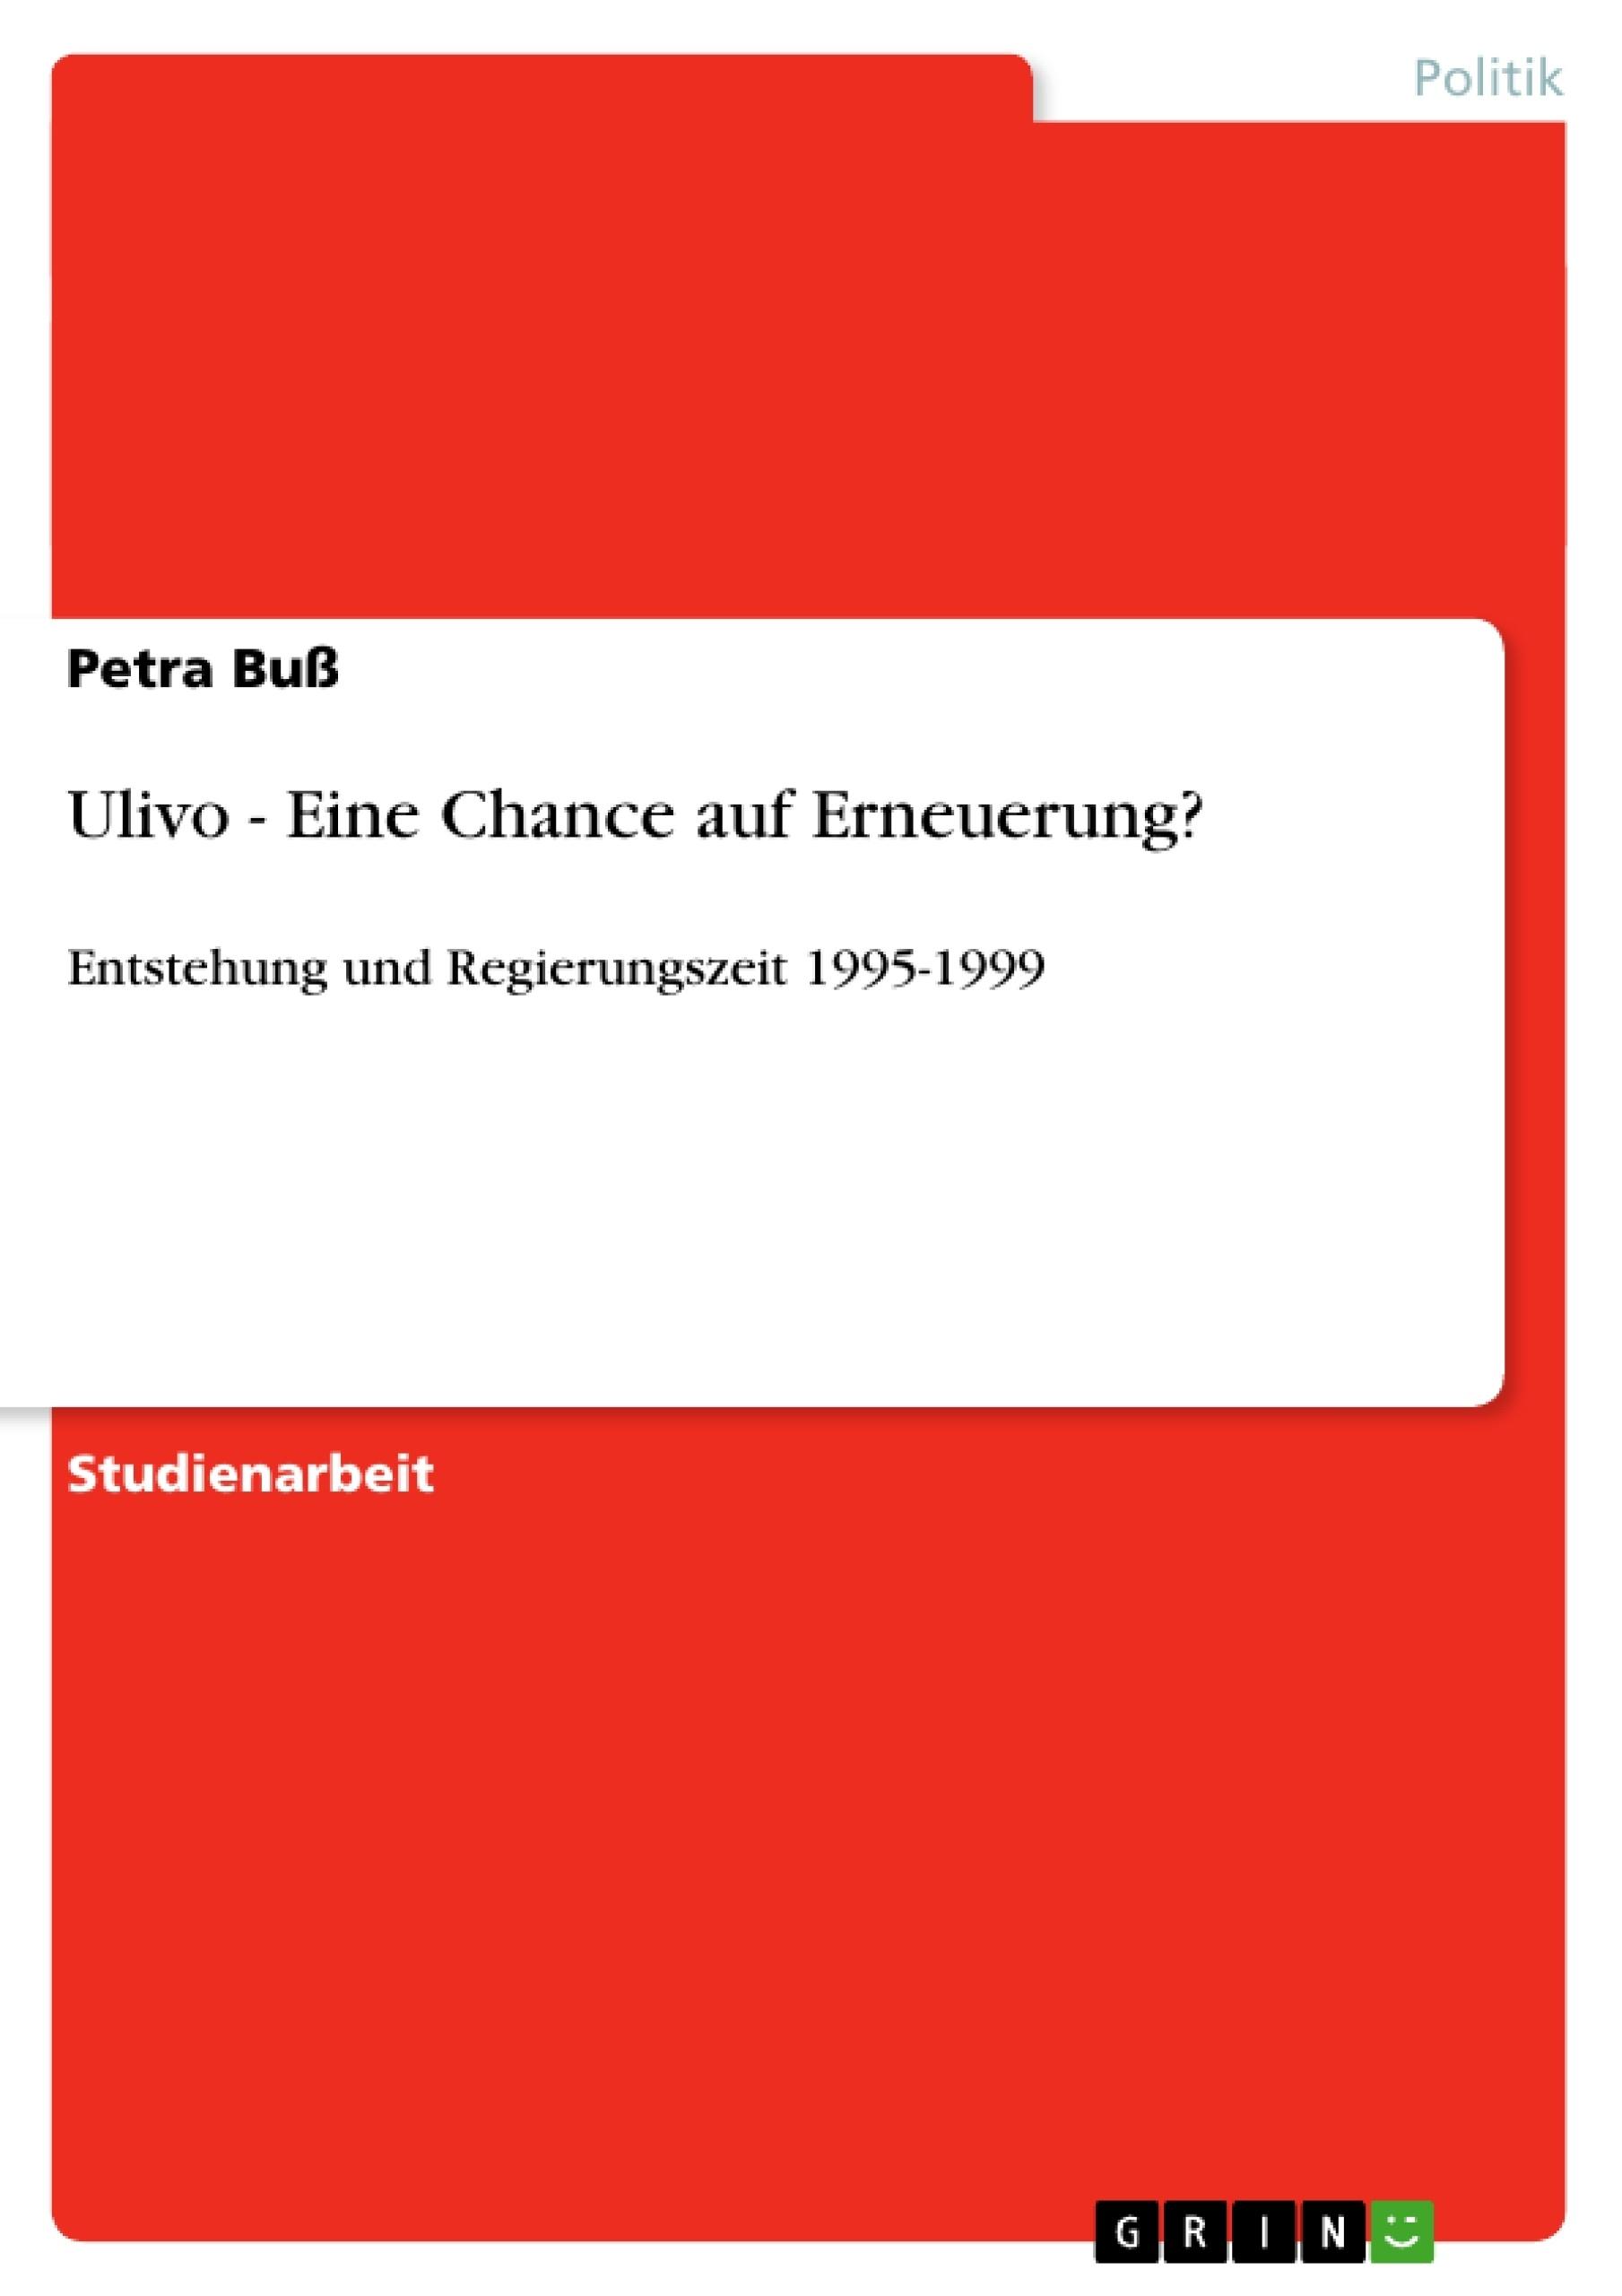 Titel: Ulivo - Eine Chance auf Erneuerung?